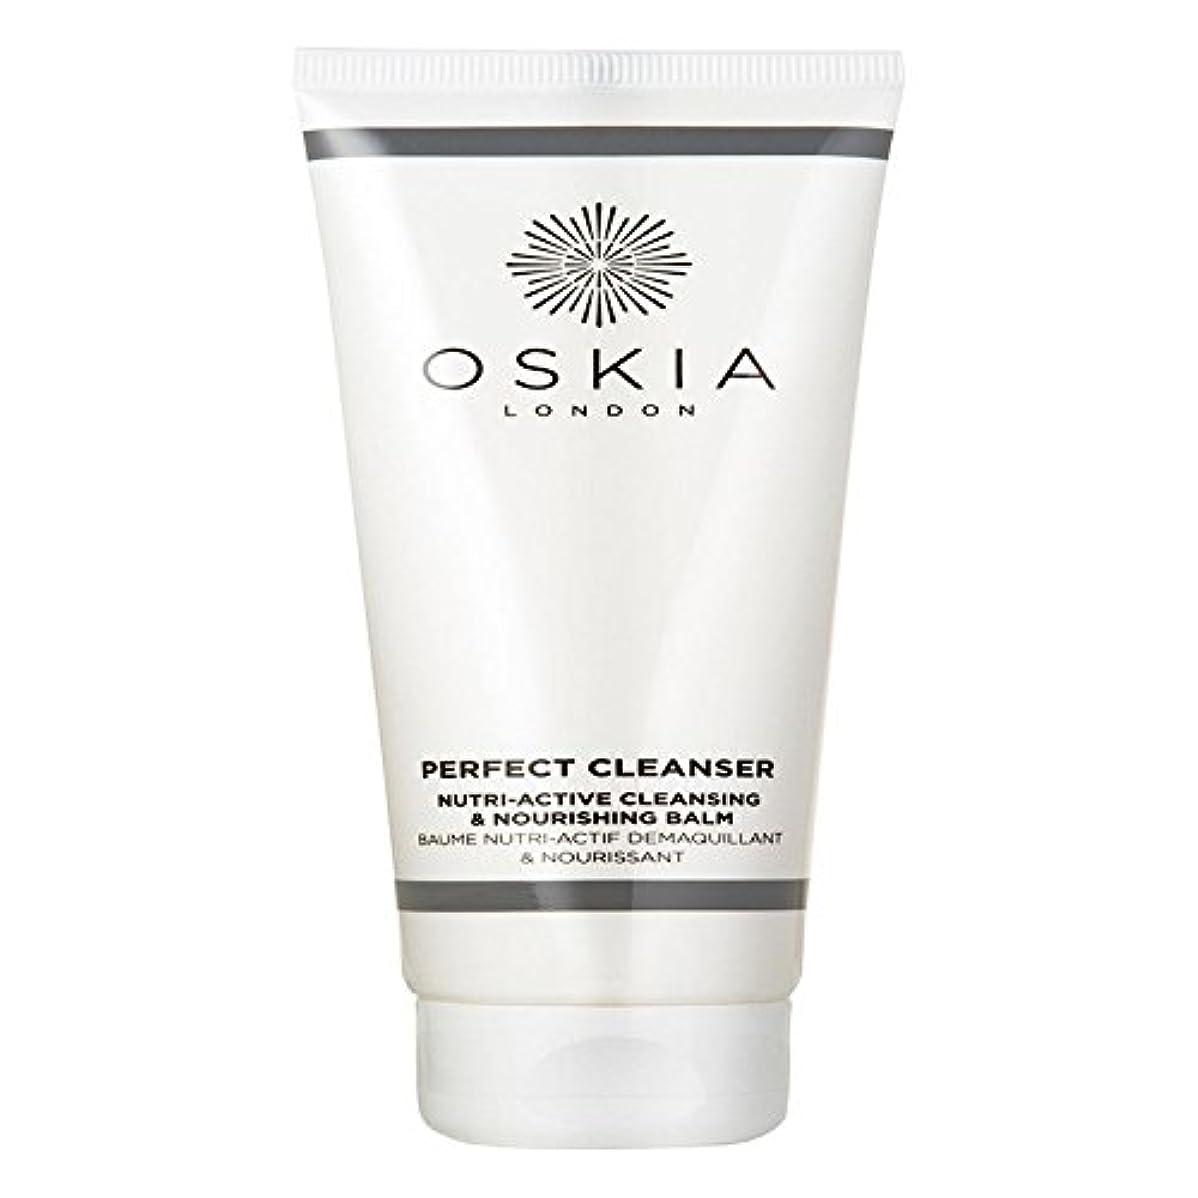 税金いつかエンターテインメント完璧なクレンザー125ミリリットル x2 - OSKIA Perfect Cleanser 125ml (Pack of 2) [並行輸入品]